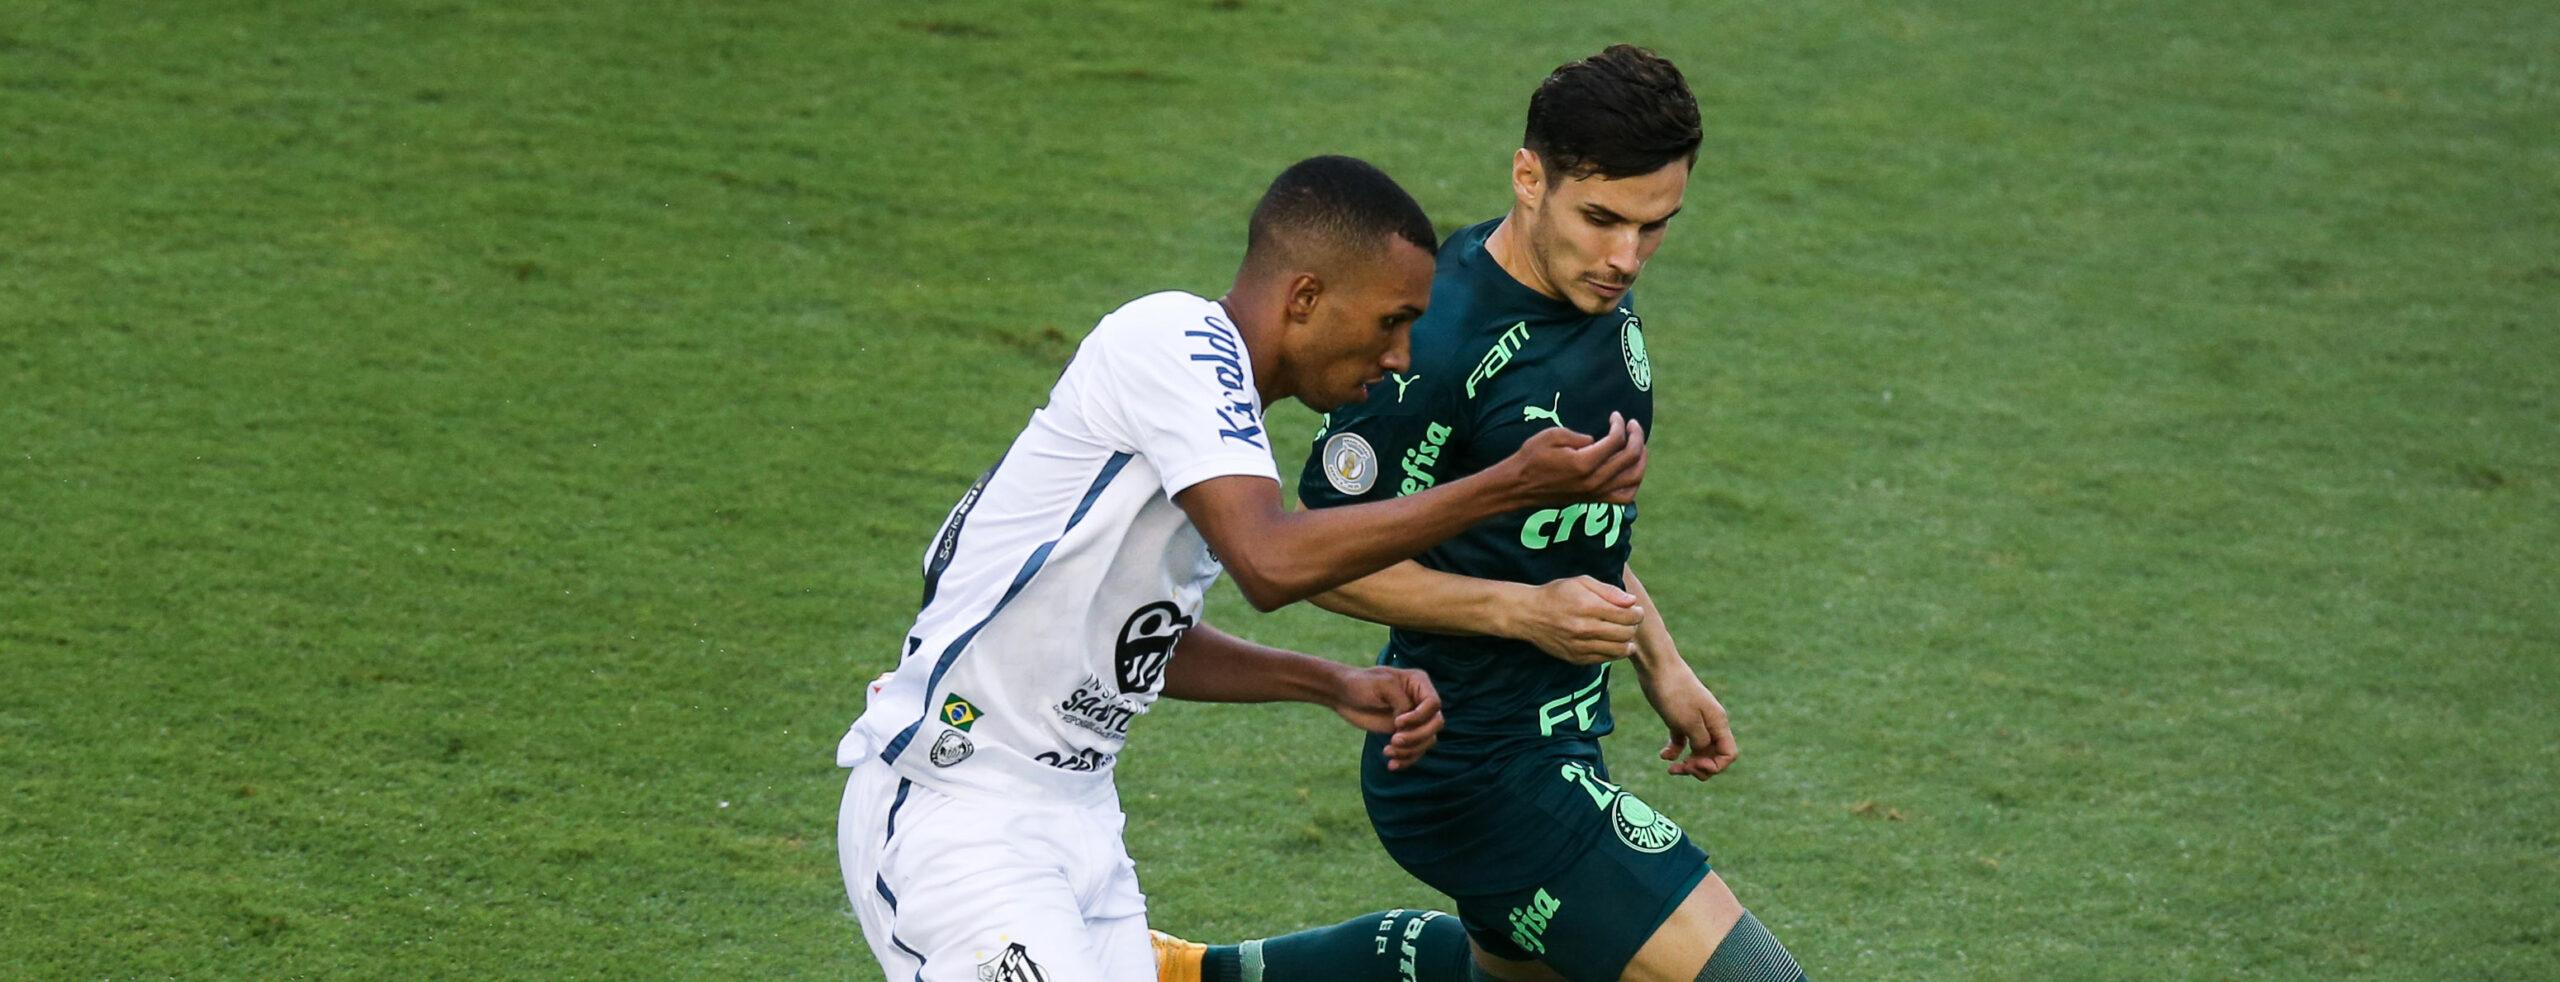 Copa Libertadores: Brasilianisches Duell im Finale